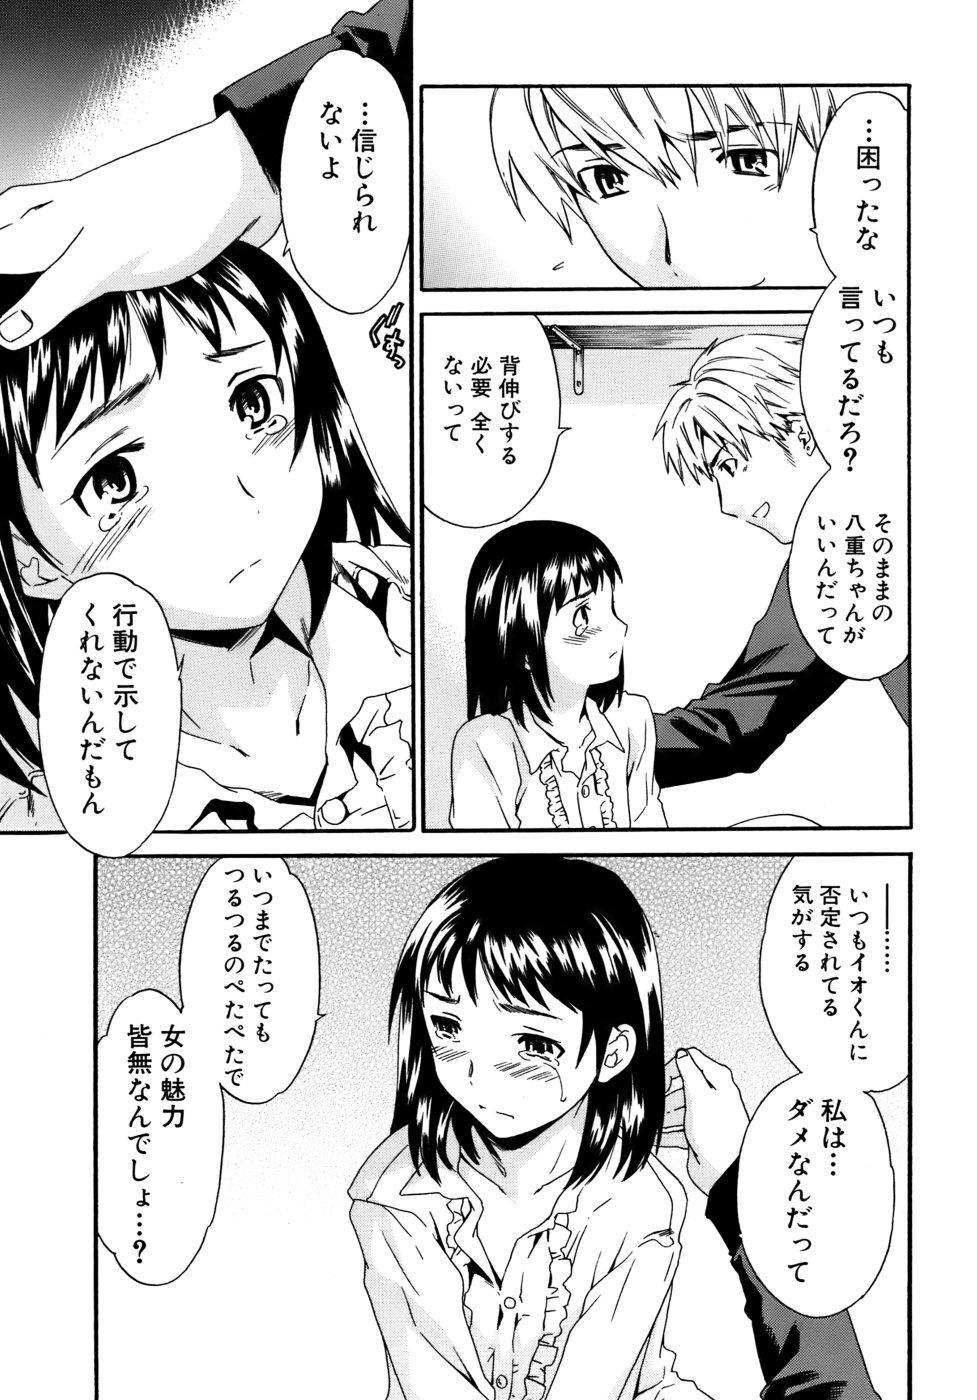 Kanojo no Bitai - Her Coquetry 67